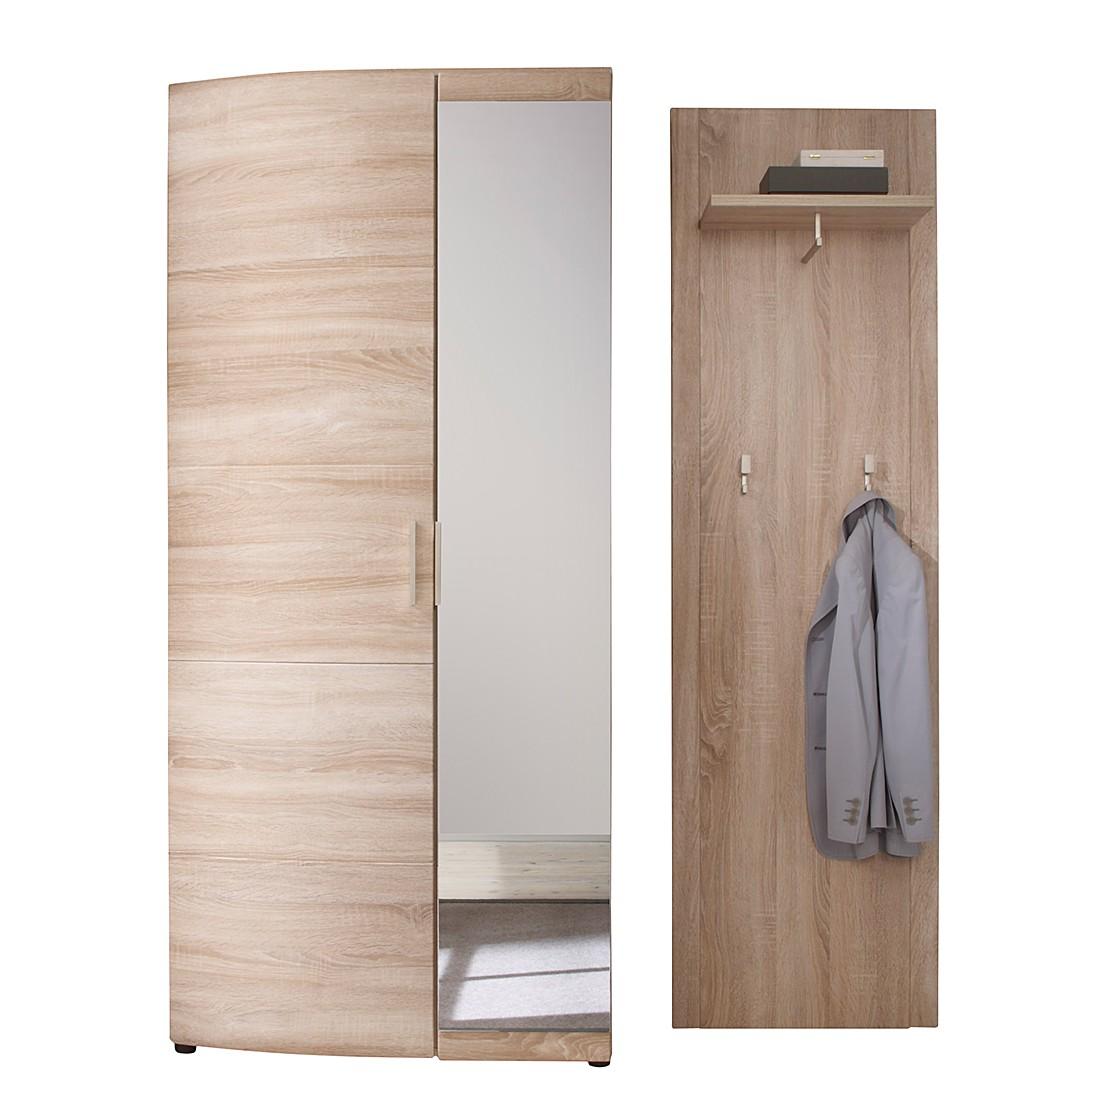 garderobe savona sl 2 teilig eiche dekor. Black Bedroom Furniture Sets. Home Design Ideas